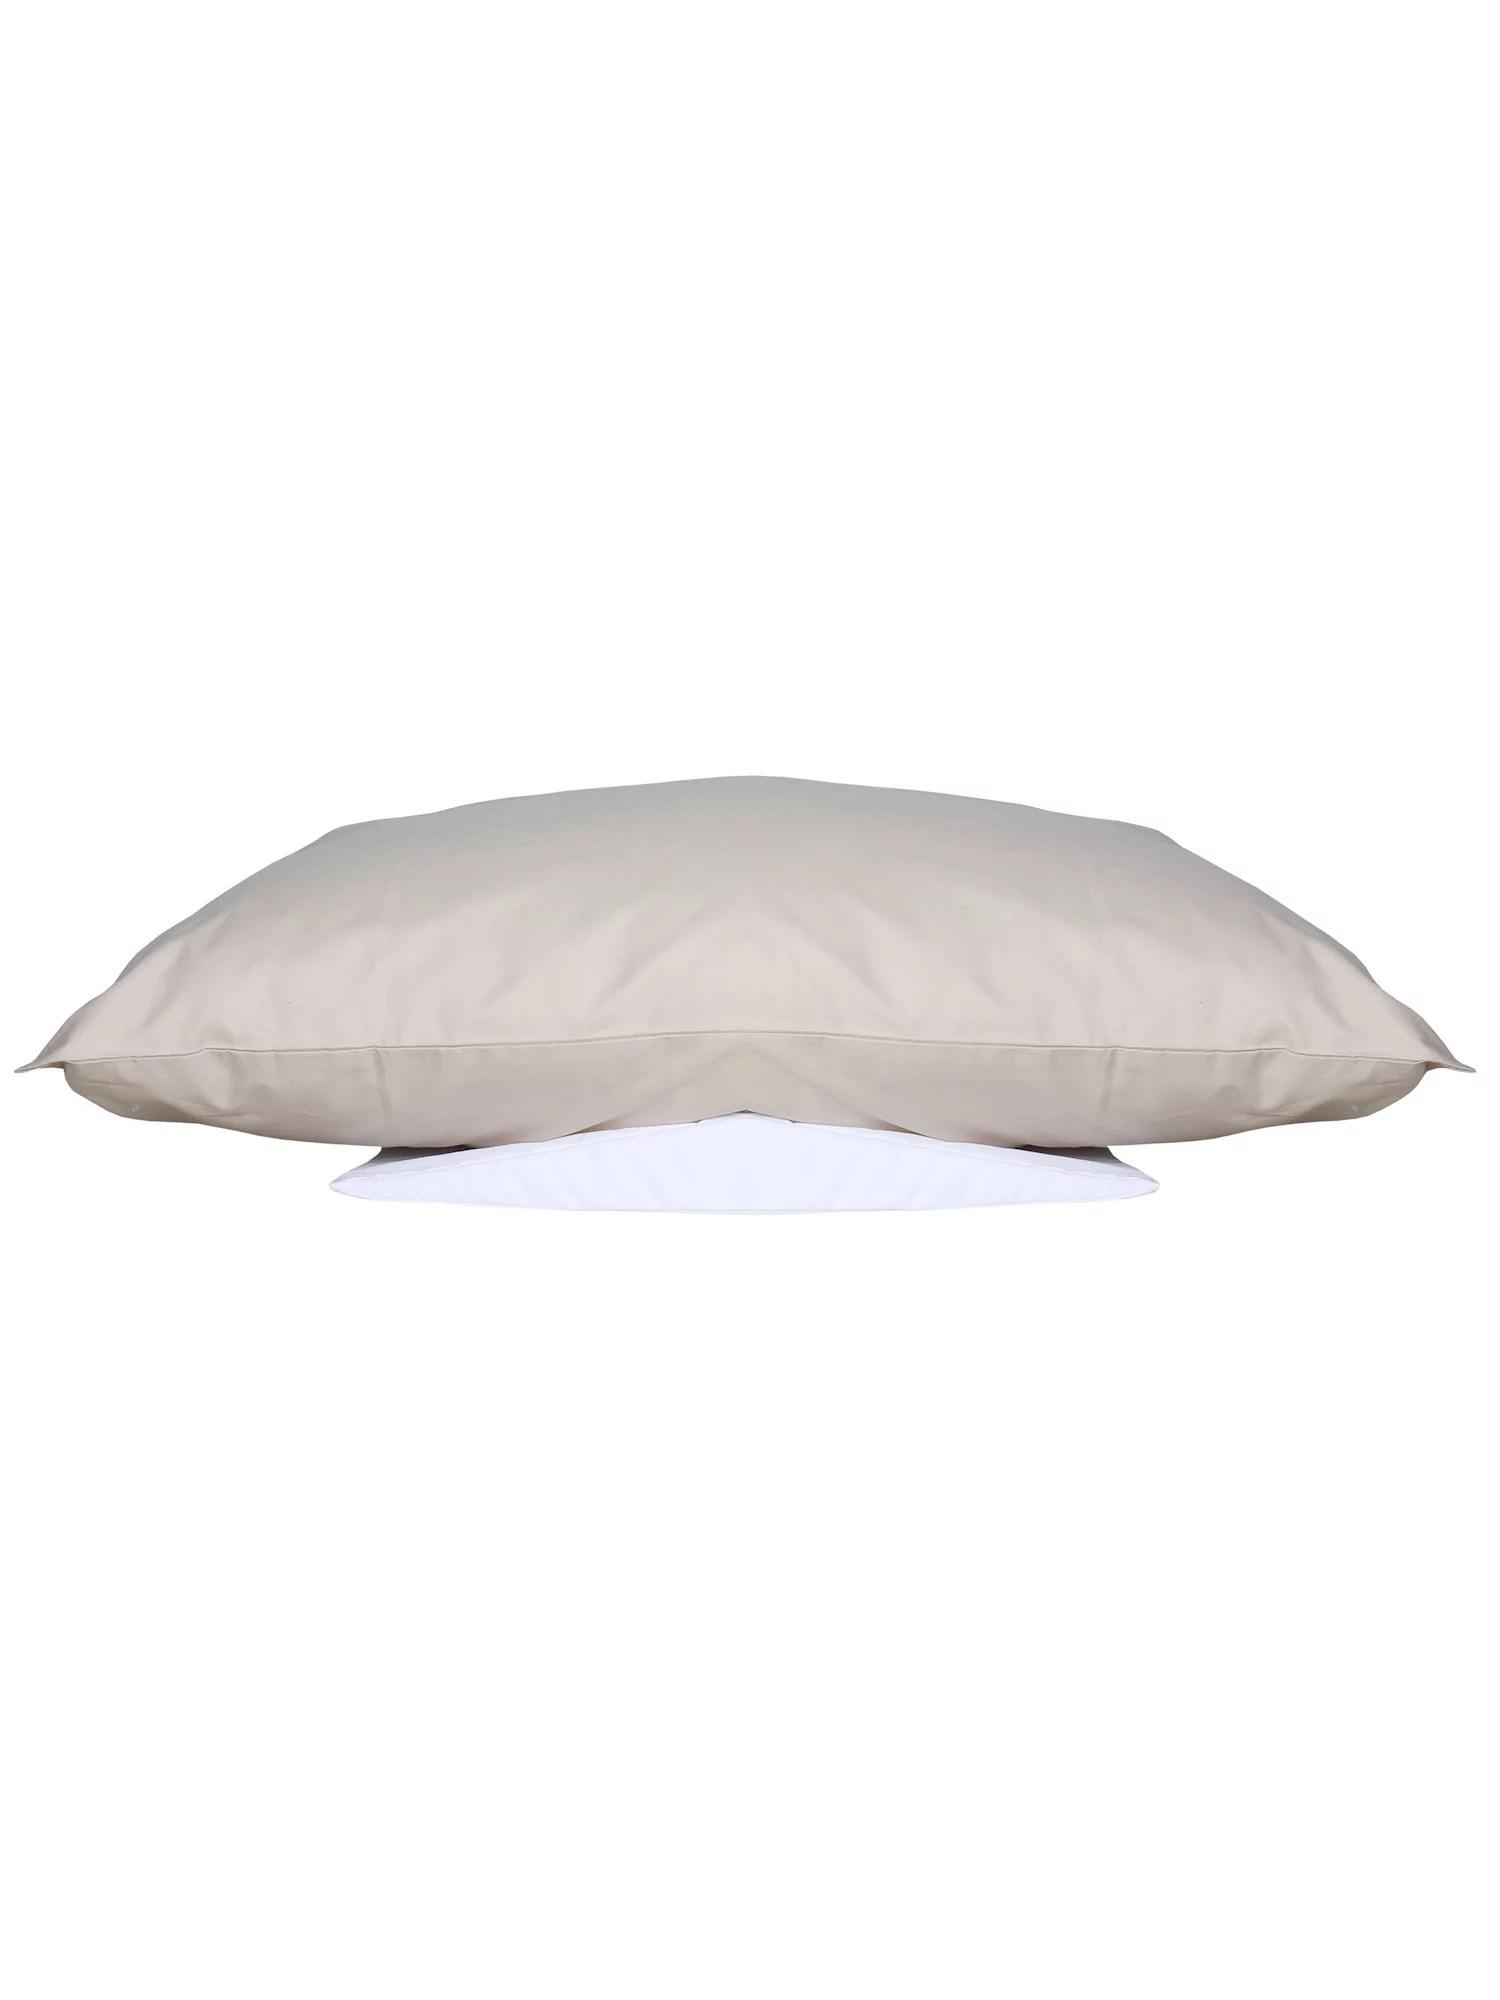 snoring pillow walmart online